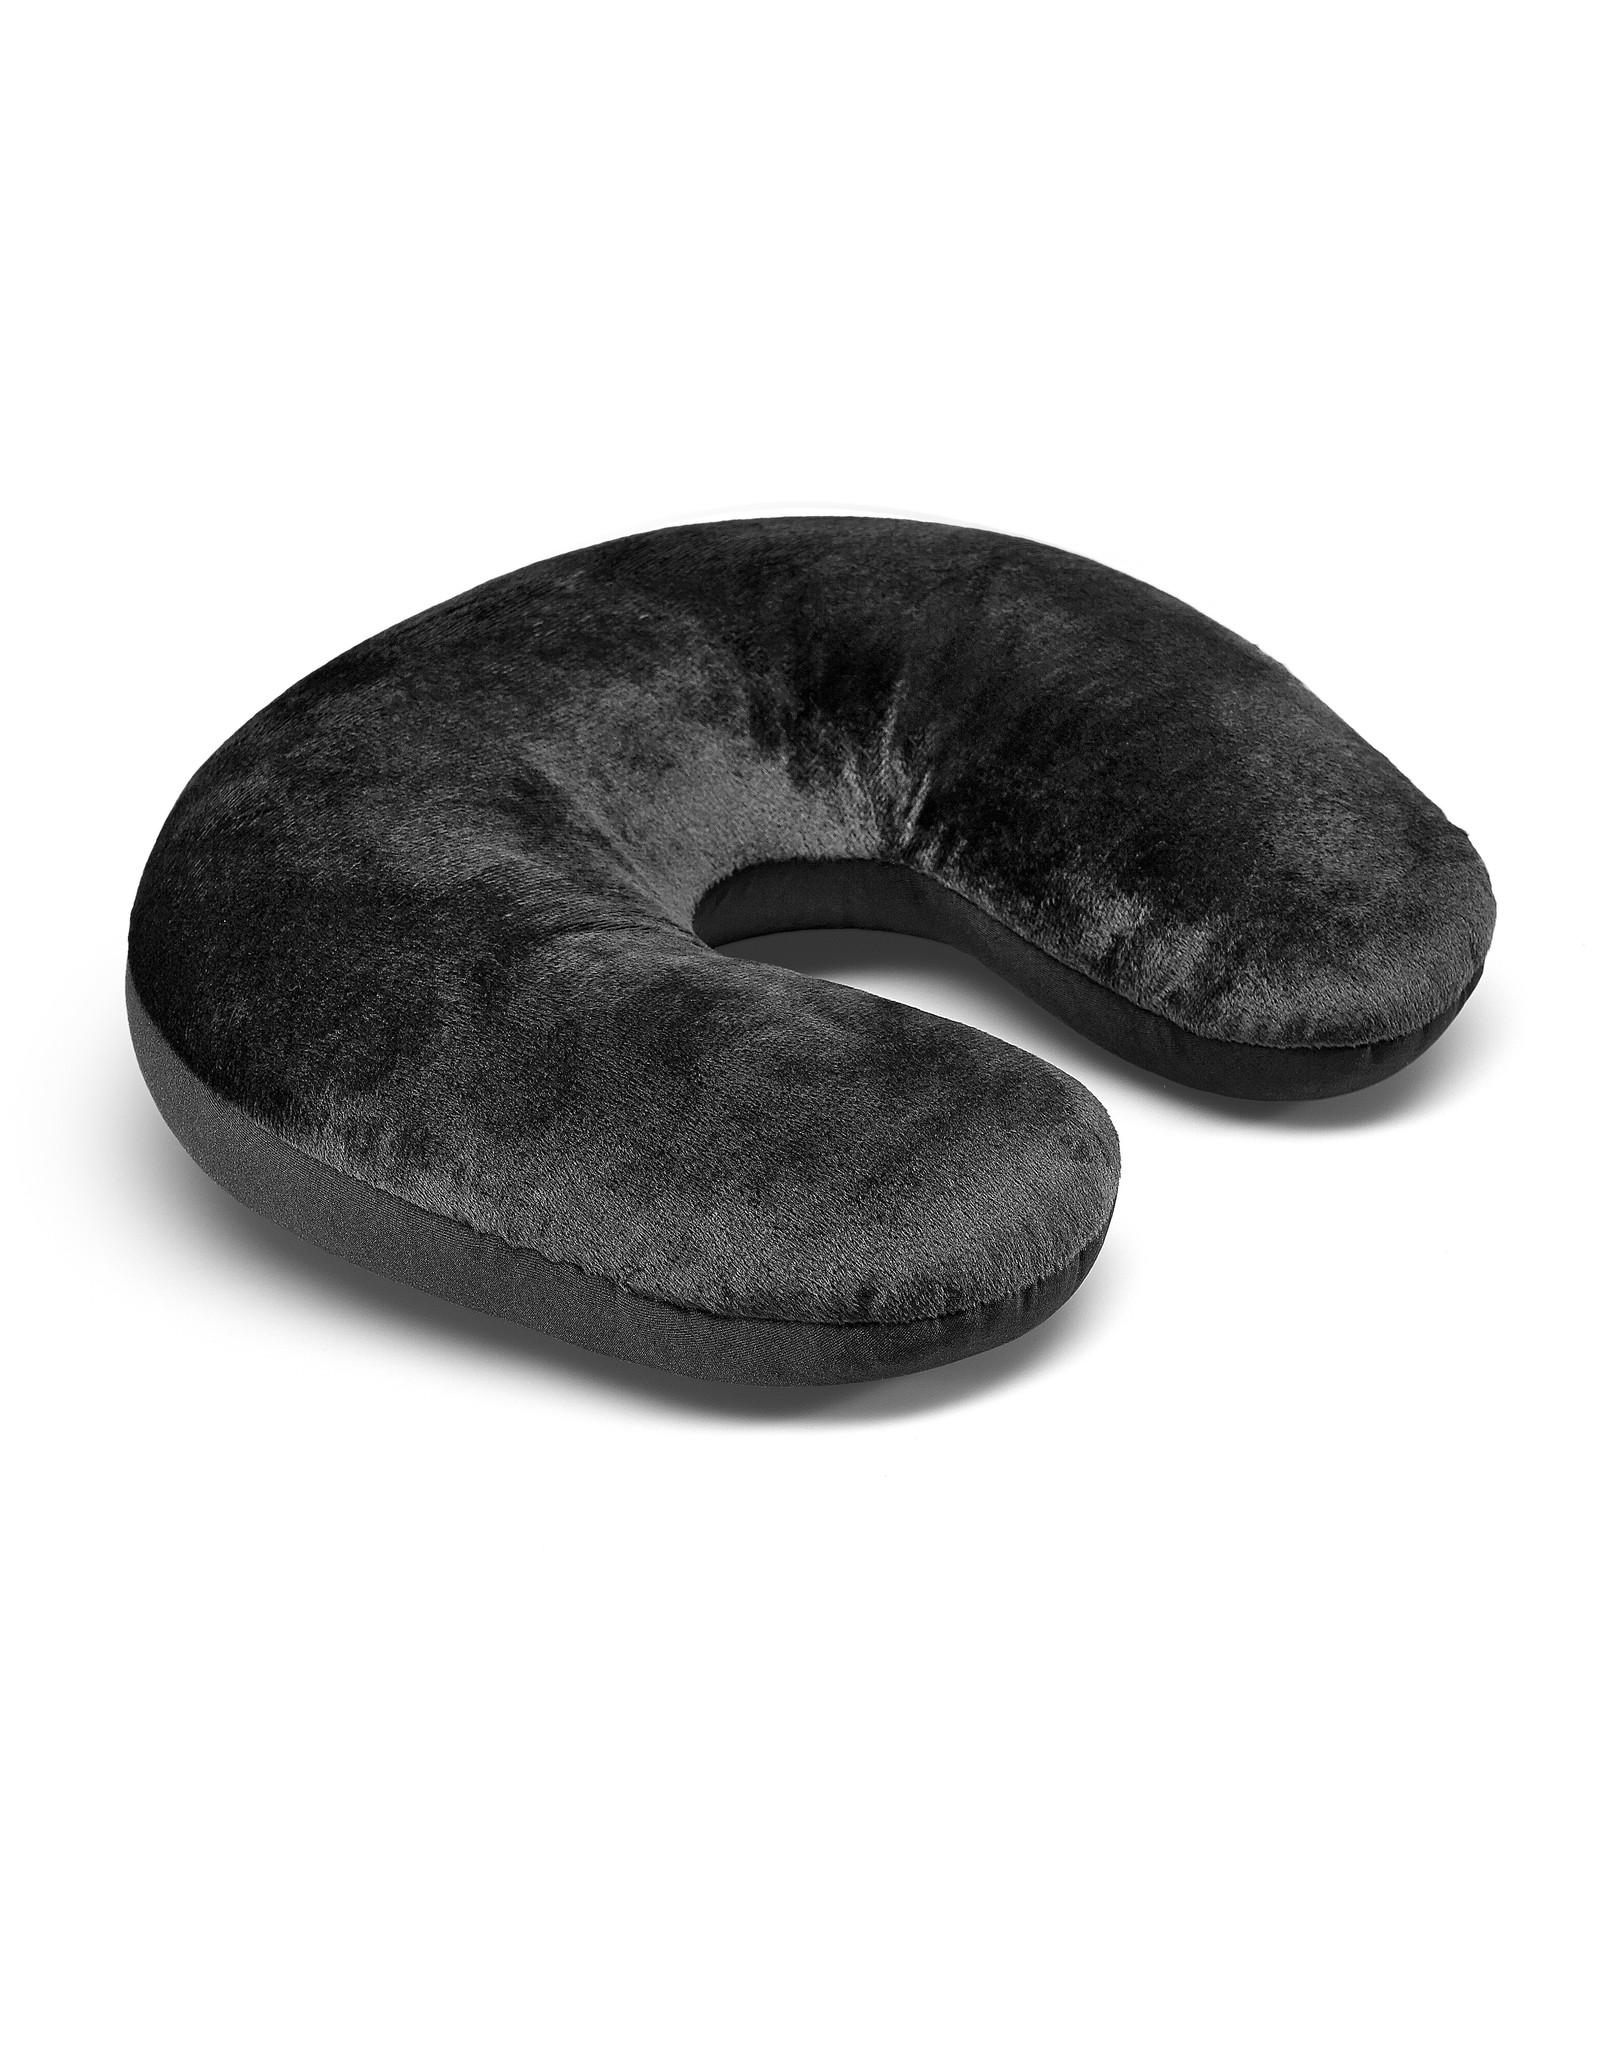 Kuschel-Maxx Kuschel-Maxx - Nackenhörnchen Schwarz ohne Knopf